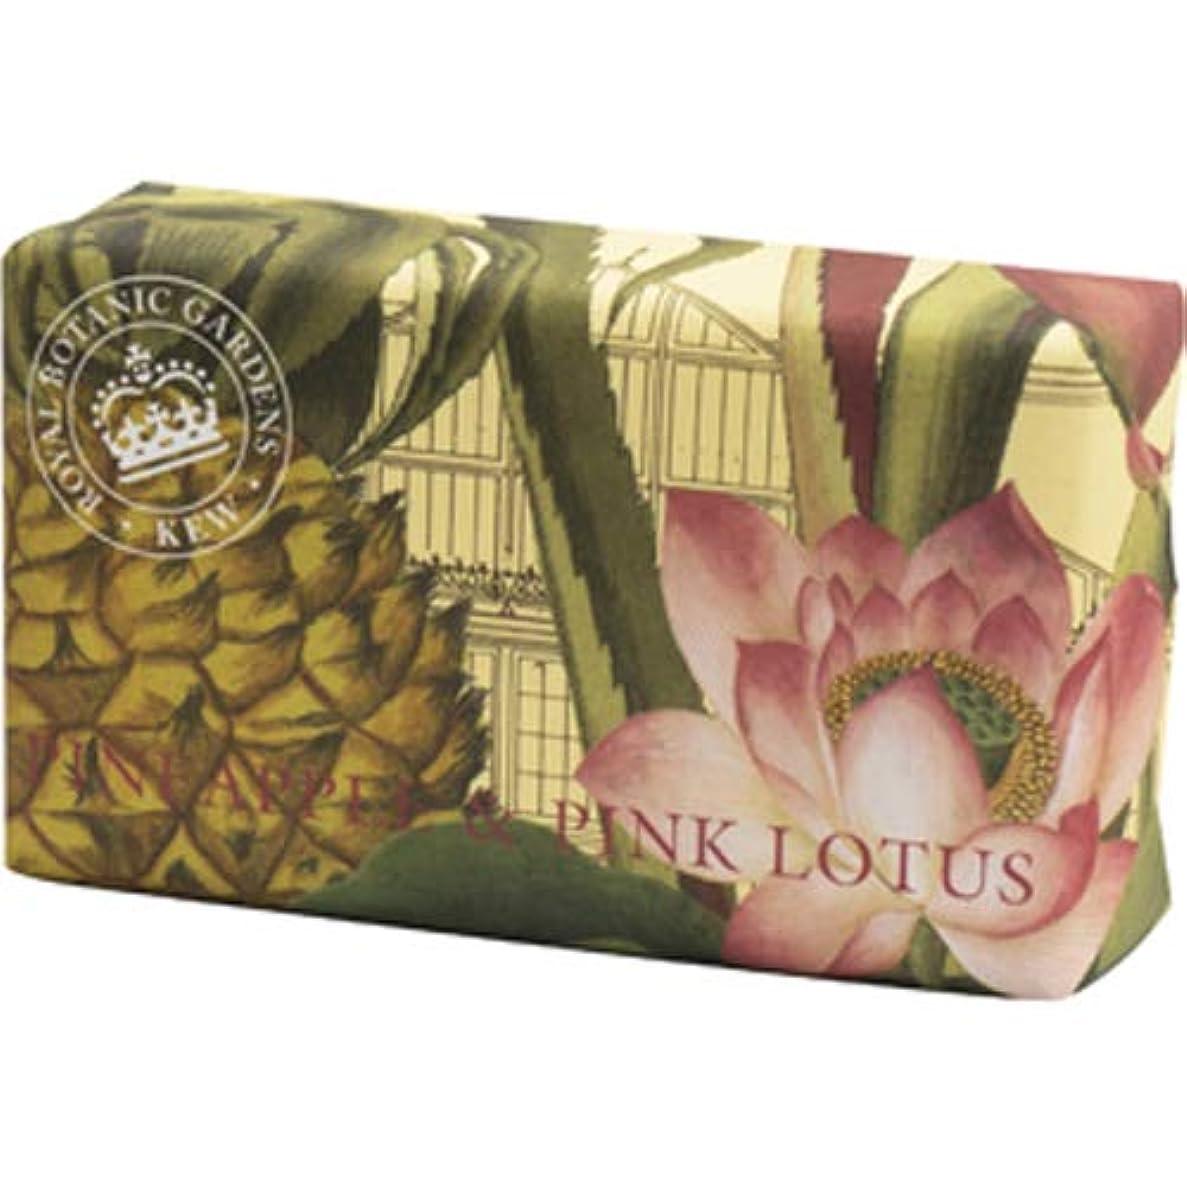 本当に可決大きい三和トレーディング English Soap Company イングリッシュソープカンパニー KEW GARDEN キュー?ガーデン Luxury Shea Soaps シアソープ Pineapple & Pink Lotus...